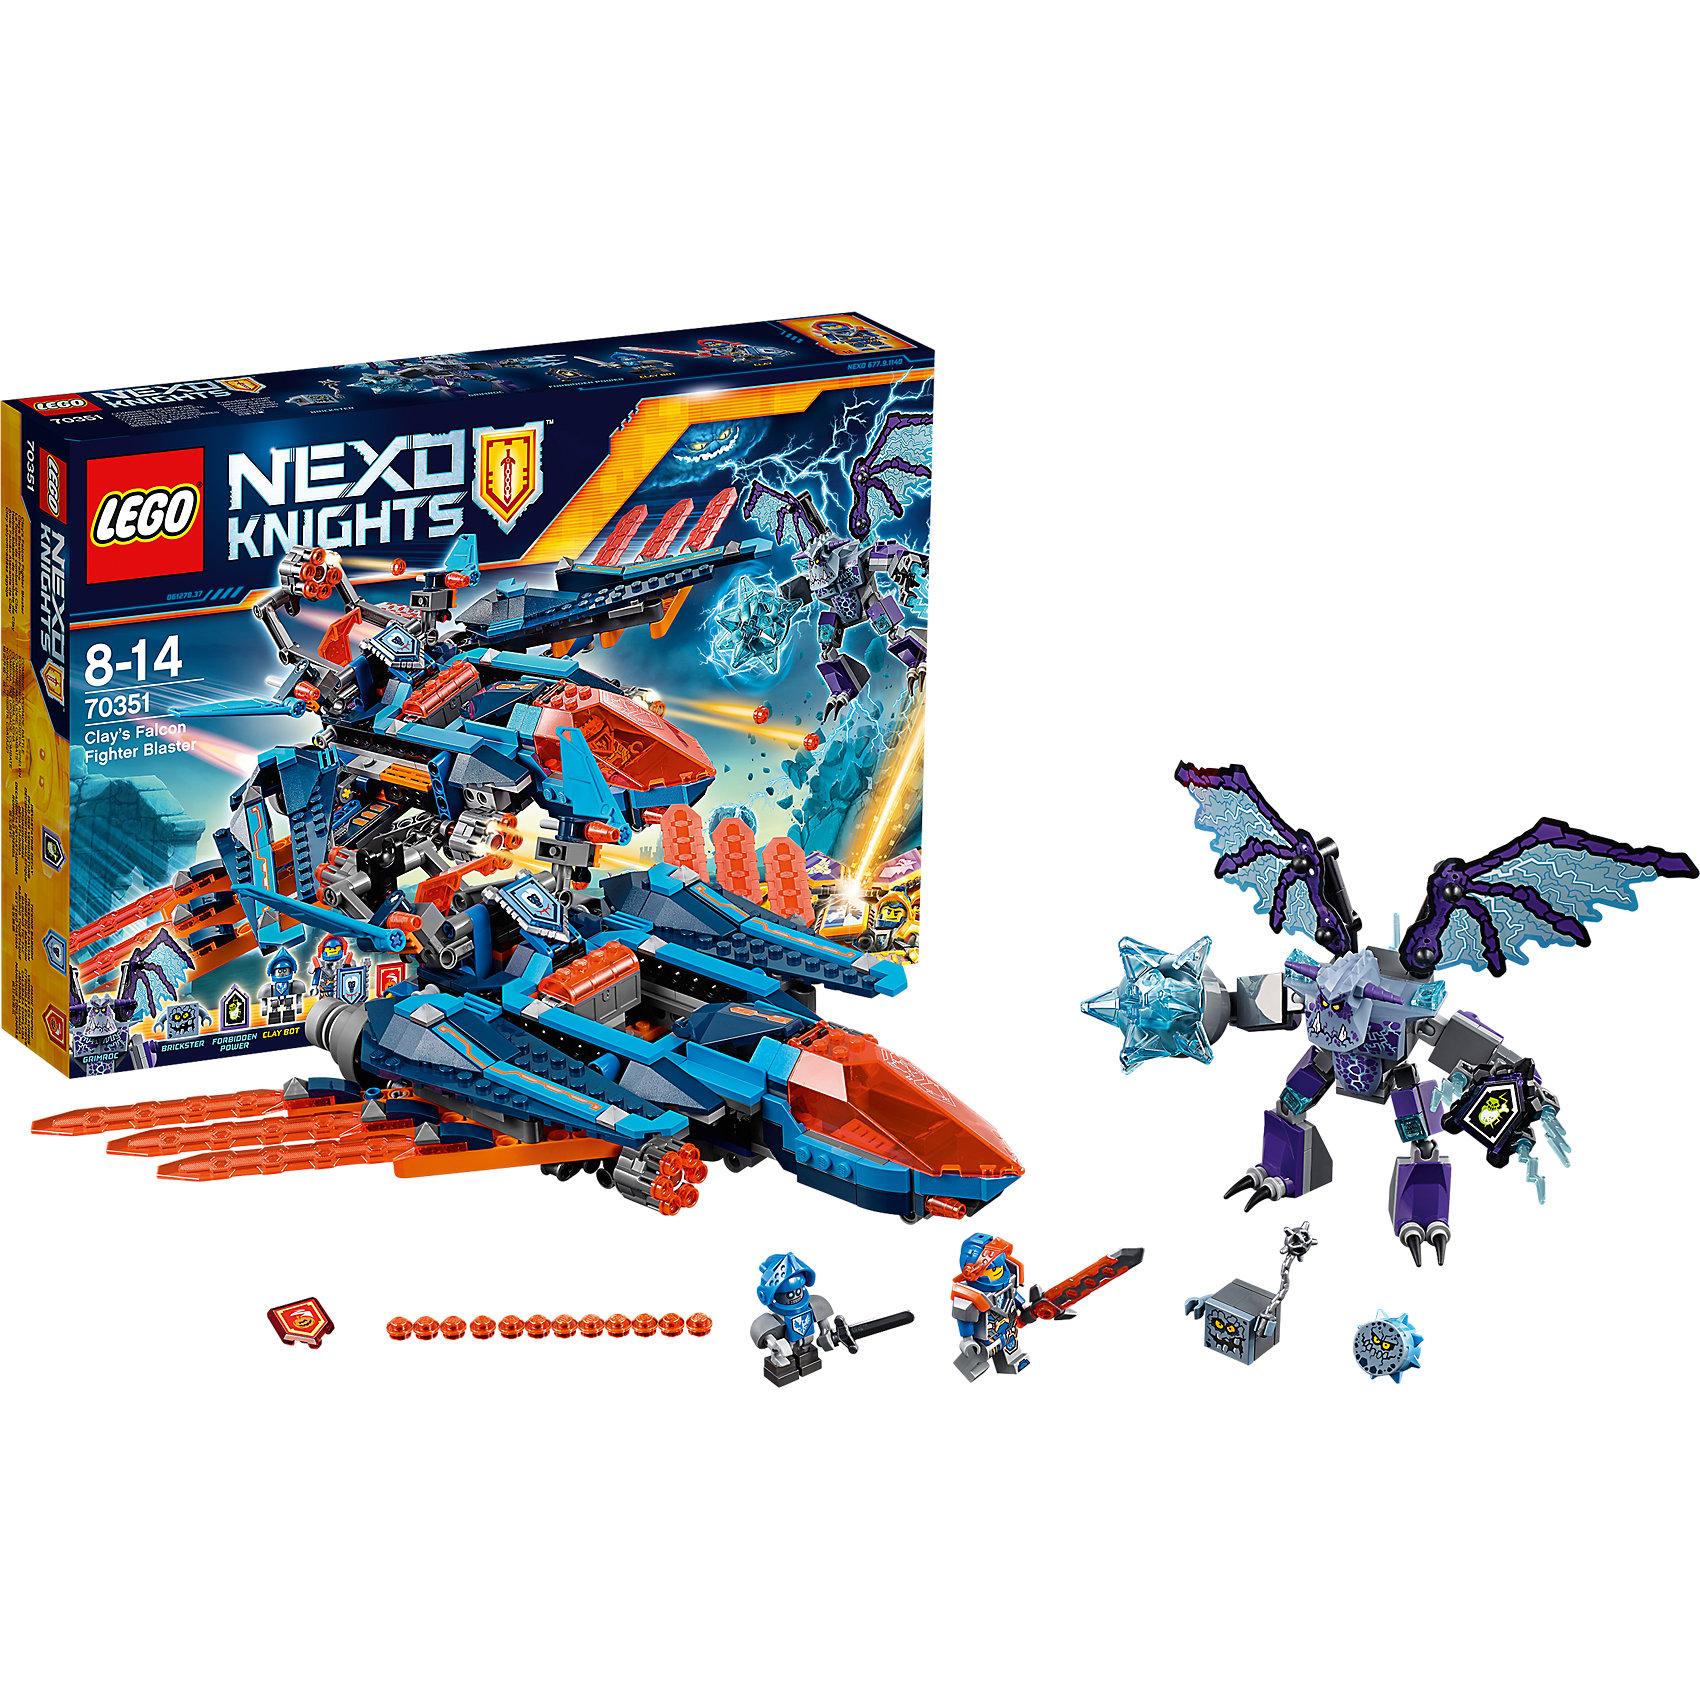 LEGO NEXO KNIGHTS 70351: Самолёт-истребитель «Сокол» КлэяLEGO NEXO KNIGHTS 70351: Самолёт-истребитель «Сокол» Клэя<br><br>Характеристики:<br><br>- в набор входит: Самолет-истребитель, 1 минифигурка Клэя, 3 сборные фигурки (Клэй бот, Брикстер и гравильер), сборный монстр Гримрок, защитная сила, запретная сила, аксессуары, красочная инструкция<br>- состав: пластик<br>- количество деталей: 523<br>- размер коробки: 26 * 7 * 38 см.<br>- размер сложенного самолета-истребителя: 29 * 32 * 8 см.<br>- высота монстра Гримрока: 12 см.<br>- для детей в возрасте: от 8 до 14 лет<br>- Страна производитель: Дания/Китай/Чехия<br><br>Легендарный конструктор LEGO (ЛЕГО) представляет серию «NEXO KNIGHTS» (Нэксо Найтс) по сюжету одноименного мультсериала. Серия понравится любителям средневековья благодаря рыцарям, принцессам, монстрам и ужасным злодеям. Гримрок, ужасный каменный монстр, напоминающий горгулью выглядит очень зловеще благодаря отличным прорисовкам, двигающимся крыльям, хвосту, рогам и каменным прорисовкам между которых проходят разряды молний. Гримрок вооружен булавой, которая крутится и выдвигается, из другой руки вырываются молнии, а также зажата запретная сила «Опустошение». Монстр на шарнирных соединениях отлично двигается( руки в плечах и локтях, ноги в бедрах и коленях). Сокол Клэя соответствует доспехам самого рыцаря. Одноместная кабина Клэя находится в начале самолета, полупрозрачная оранжевая крышка открывается открывая доступ к детализированной приборной панели. За кабиной находится тайник, куда можно складывать Нексо силу Тыквы из набора или щит Клэя. Истребитель оснащен тремя шестиствольными пушками, стреляющими снарядами поочередно. Две мощные турбины позволяют самолету развивать предельную скорость, а кабина для бота и две ракеты пружинного механизма защитят тыл, а при необходимости кабина отсоединяется и с помощью крыльев может летать самостоятельно и помогать рыцарю. Истребитель оснащен шестью увеличенными версиями меча Клэя и раскладывается в режим атаки с 